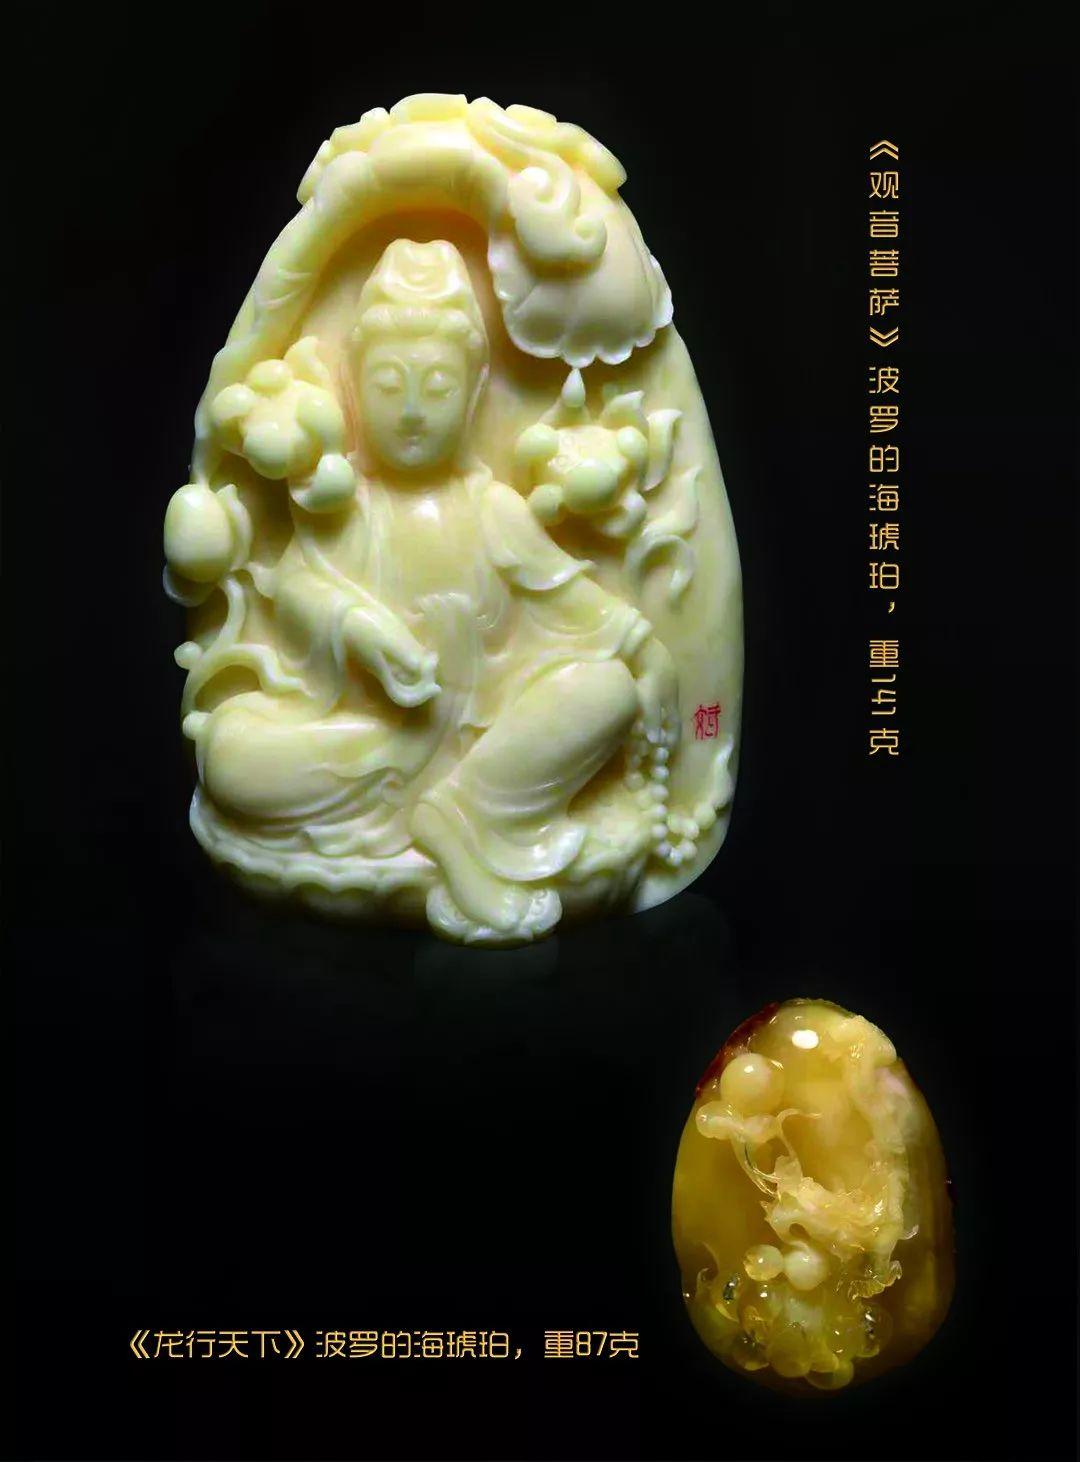 琥珀雕刻大师-王诗斌作品-《观音菩萨》